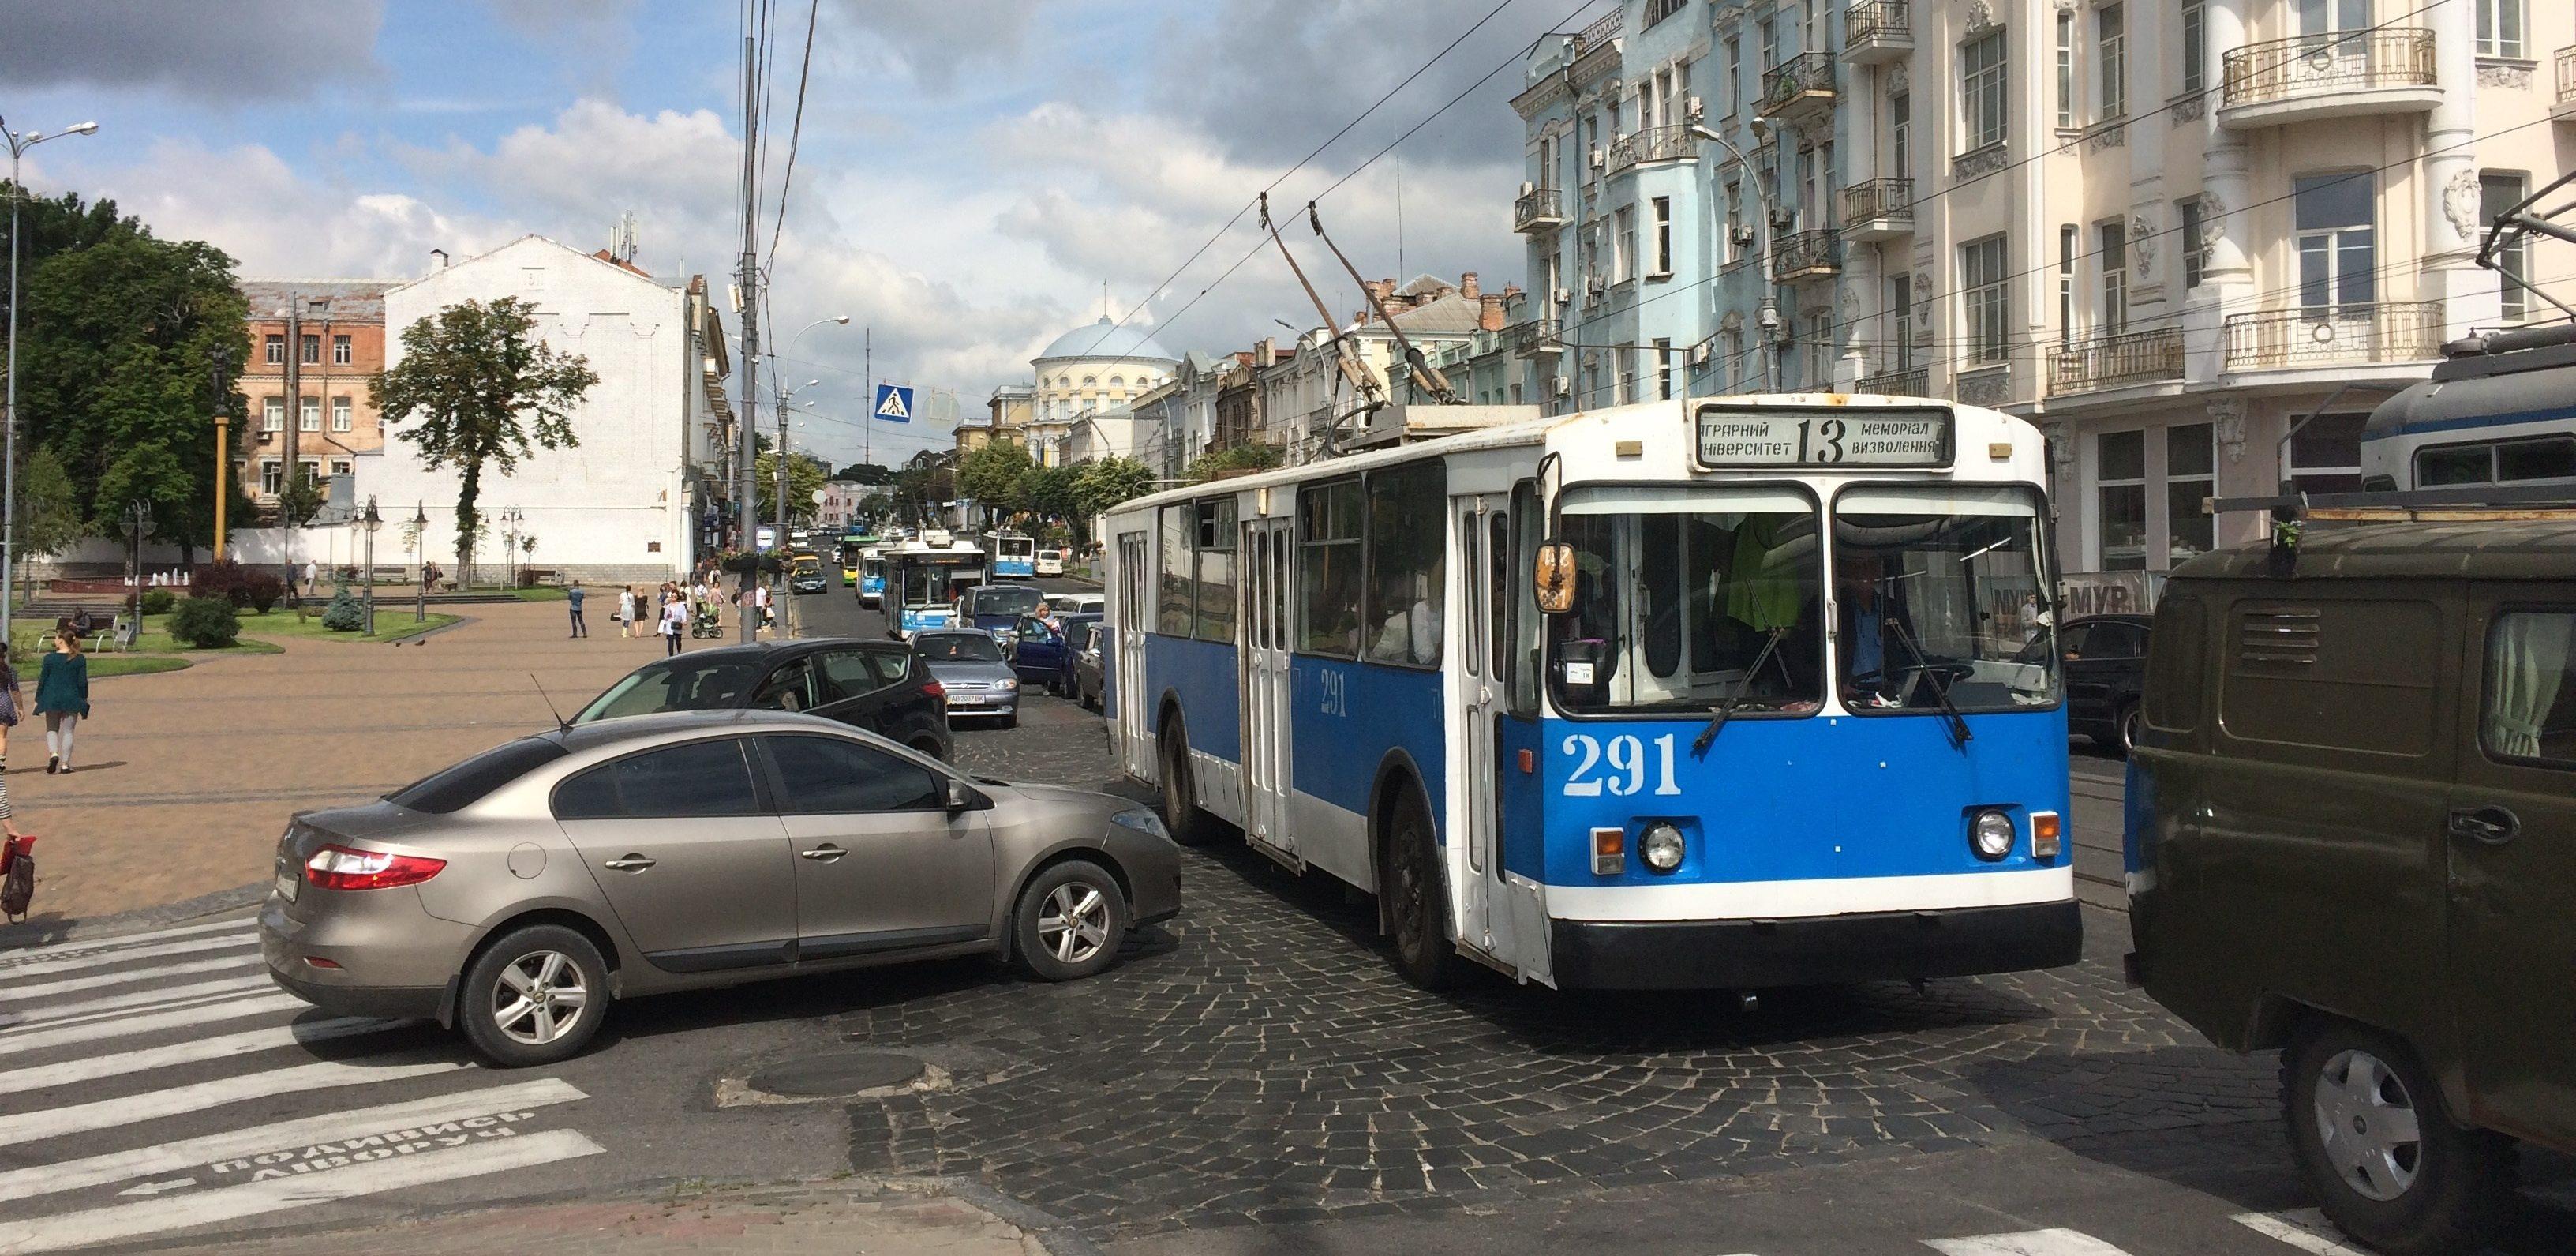 Сім маршруток та один тролейбус у Вінниці їздять по-новому: перелік та нові маршрути руху